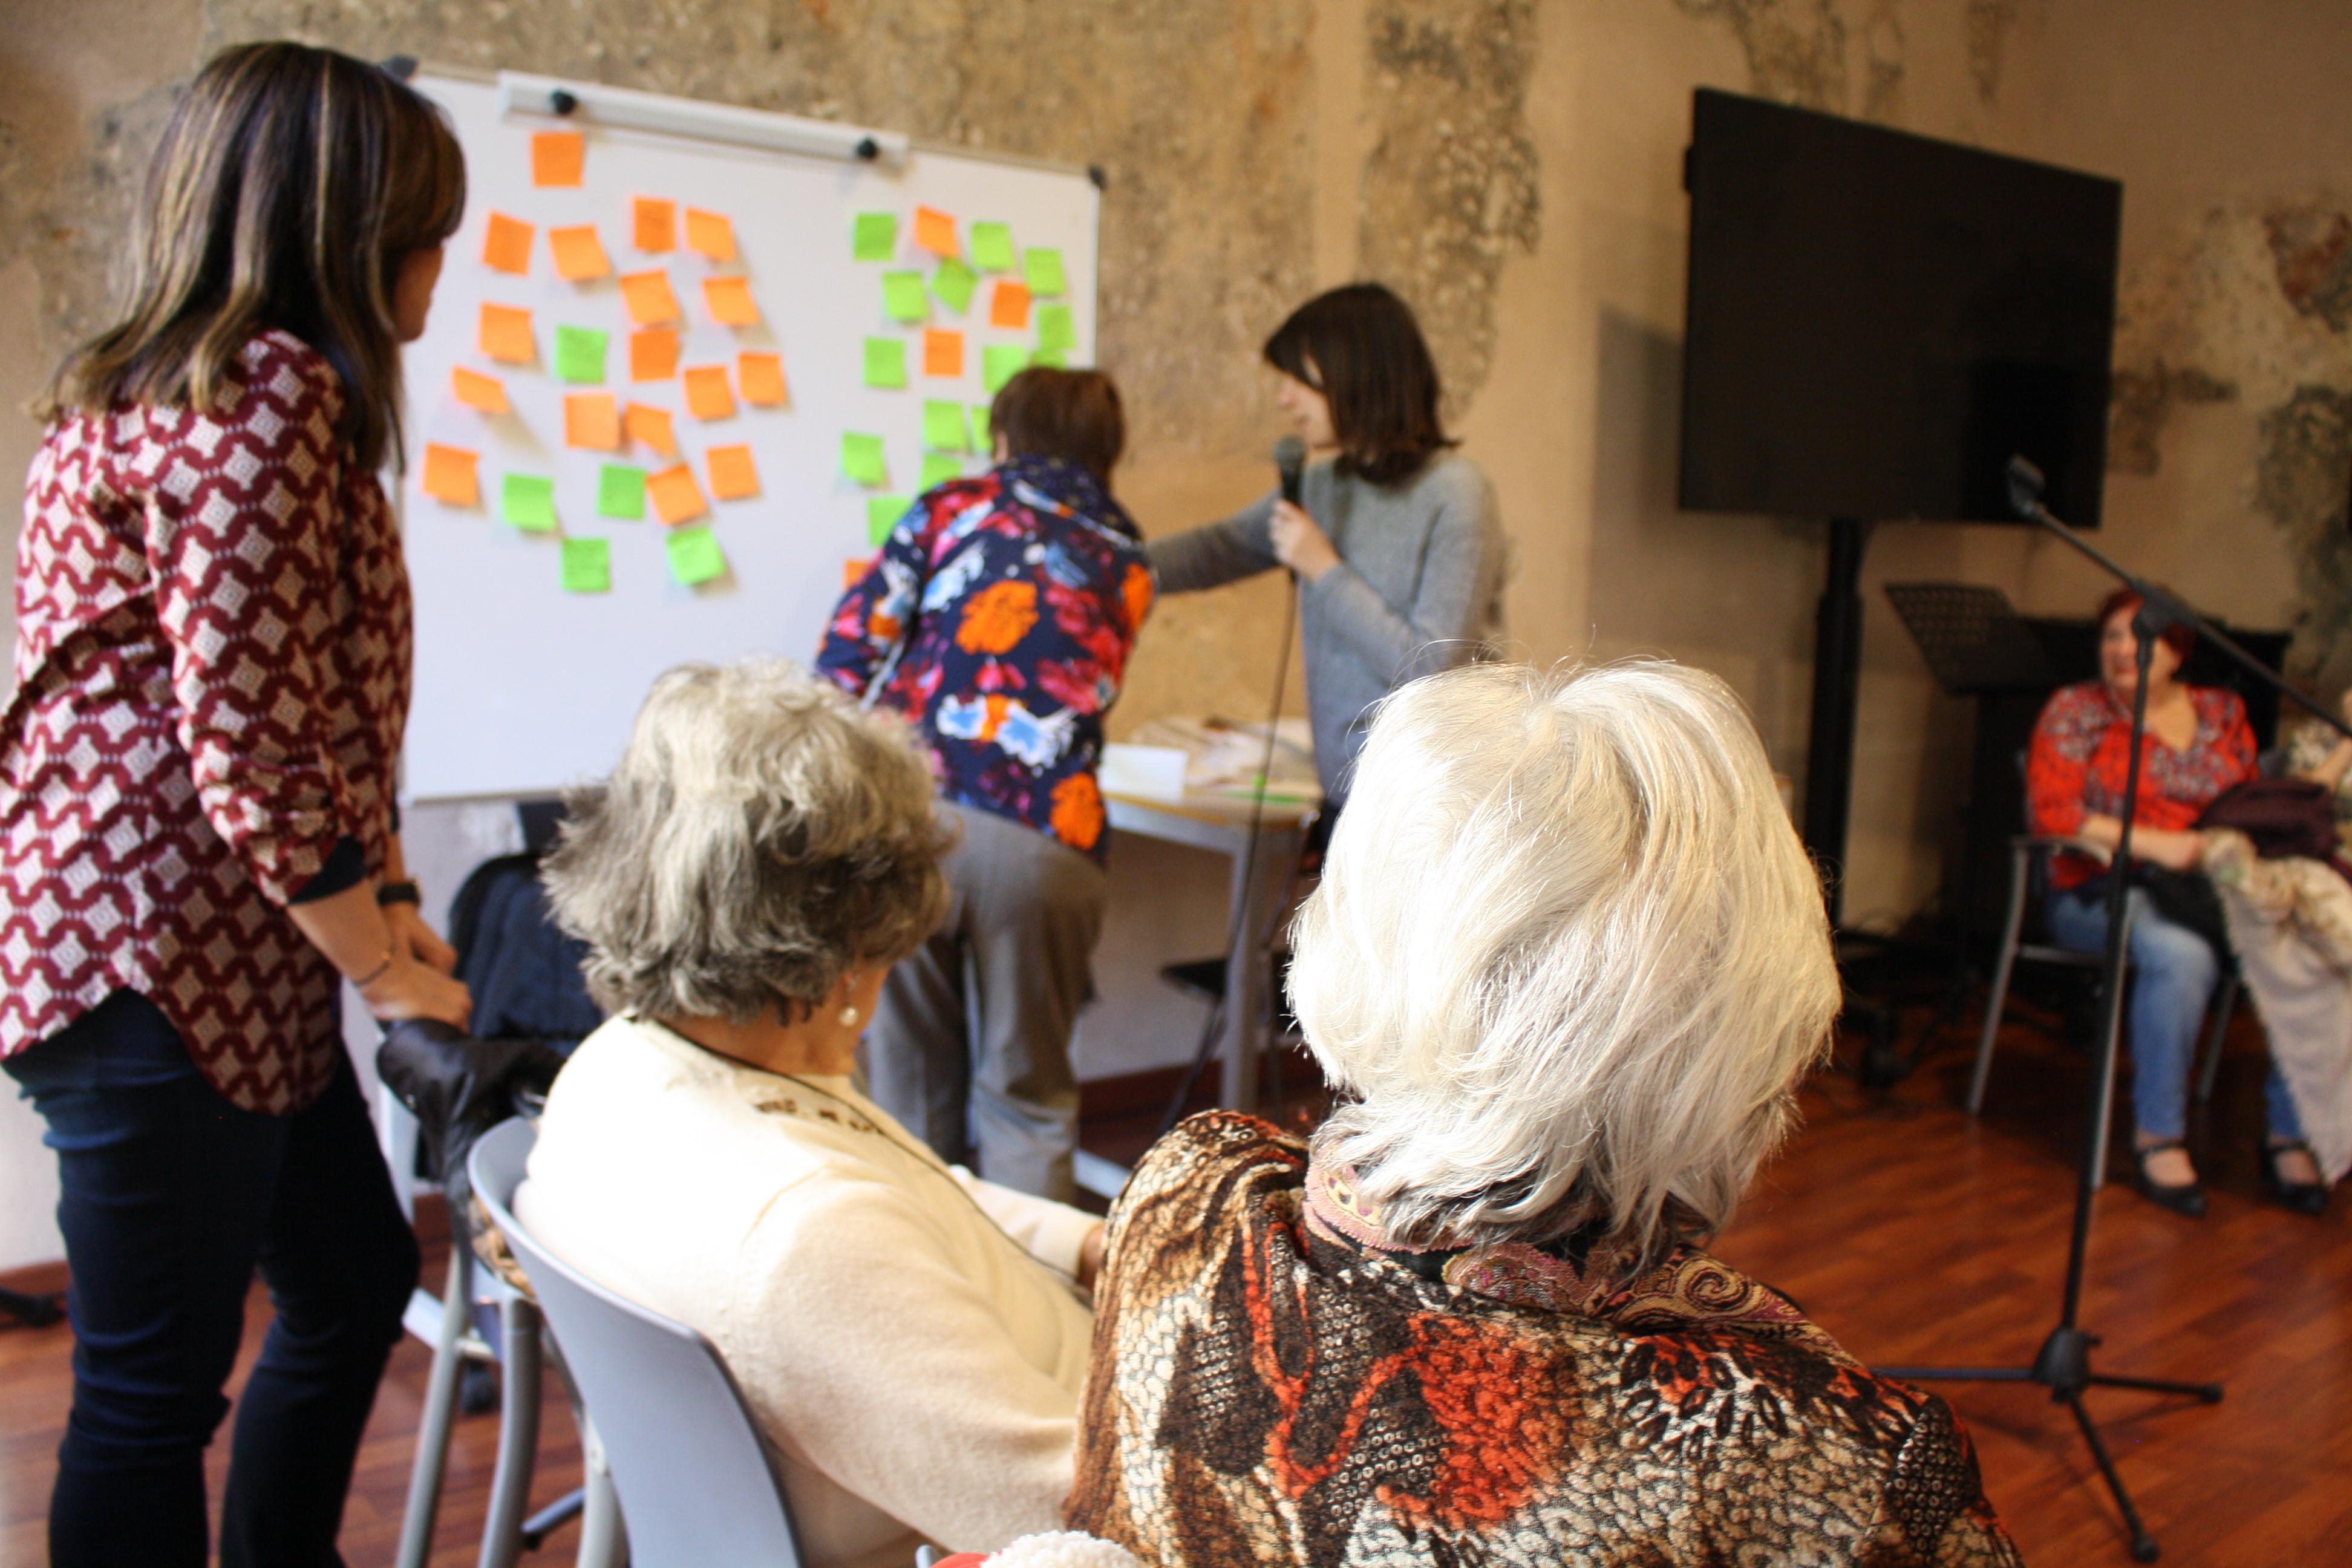 Salud comunitaria, salud mental, adicciones, determinantes y desigualdad... en elecciones todos hablan, no todos aportan